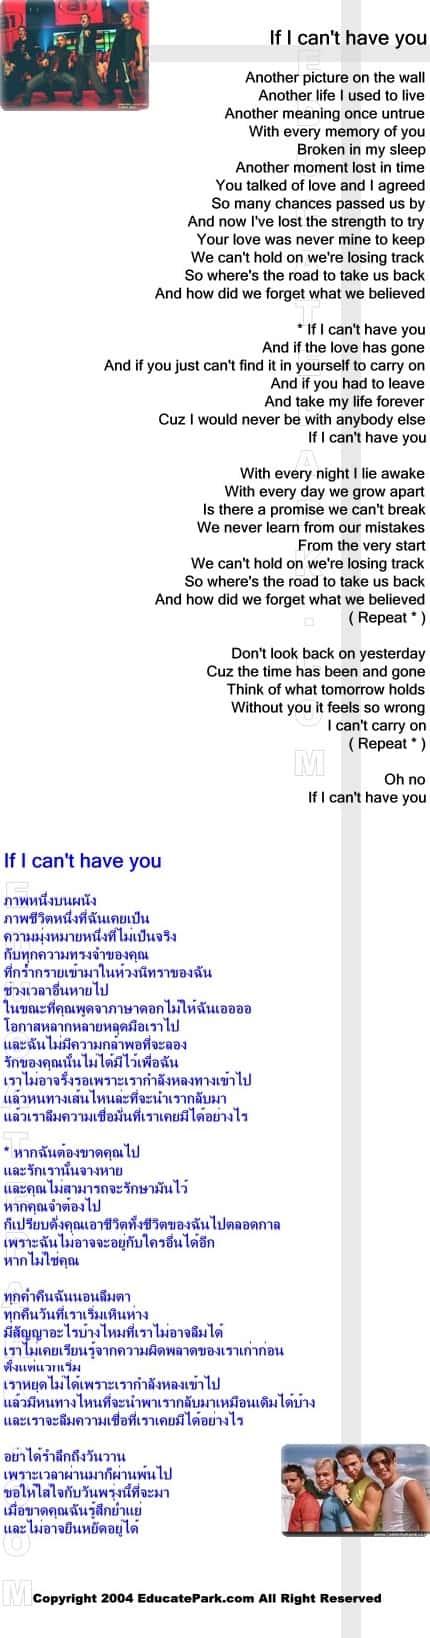 แปลเพลง If I can't have you - A1